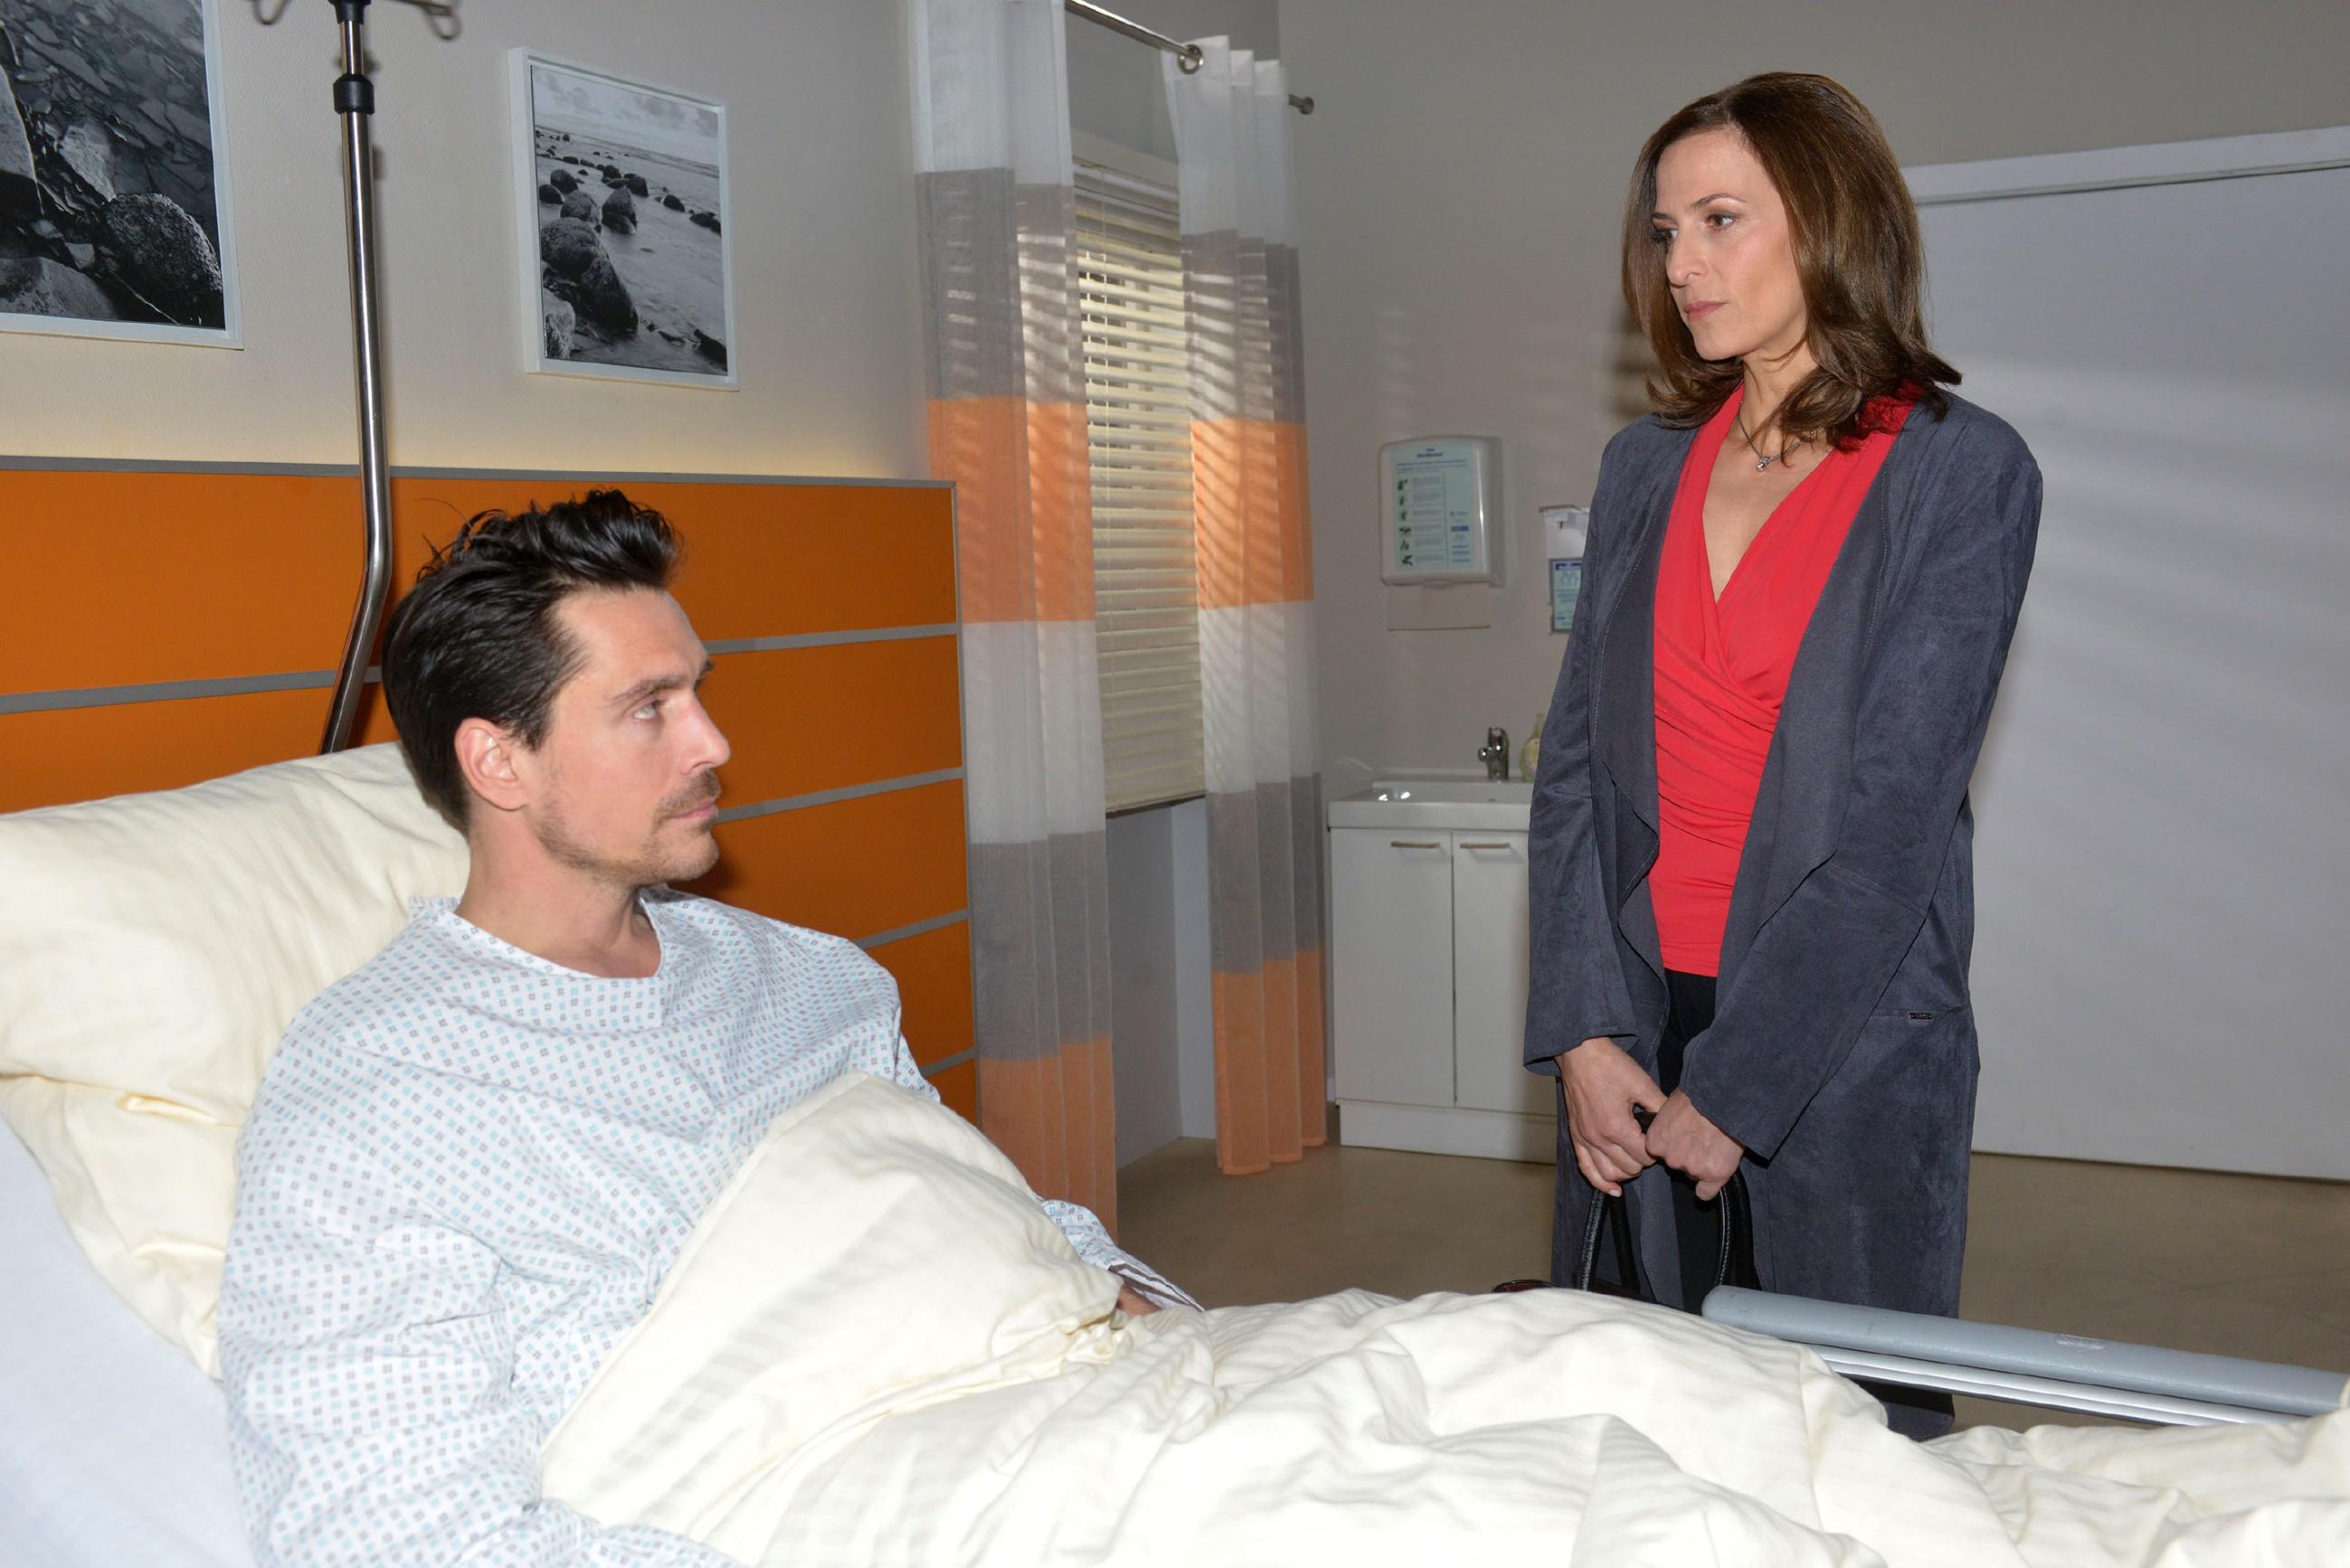 David (Philipp Christopher) sieht seiner Verhaftung stoisch entgegen und ist überrascht, als Katrin (Ulrike Frank) an seinem Krankenbett erscheint und sich bei ihm entschuldigt... (Quelle: RTL / Rolf Baumgartner)